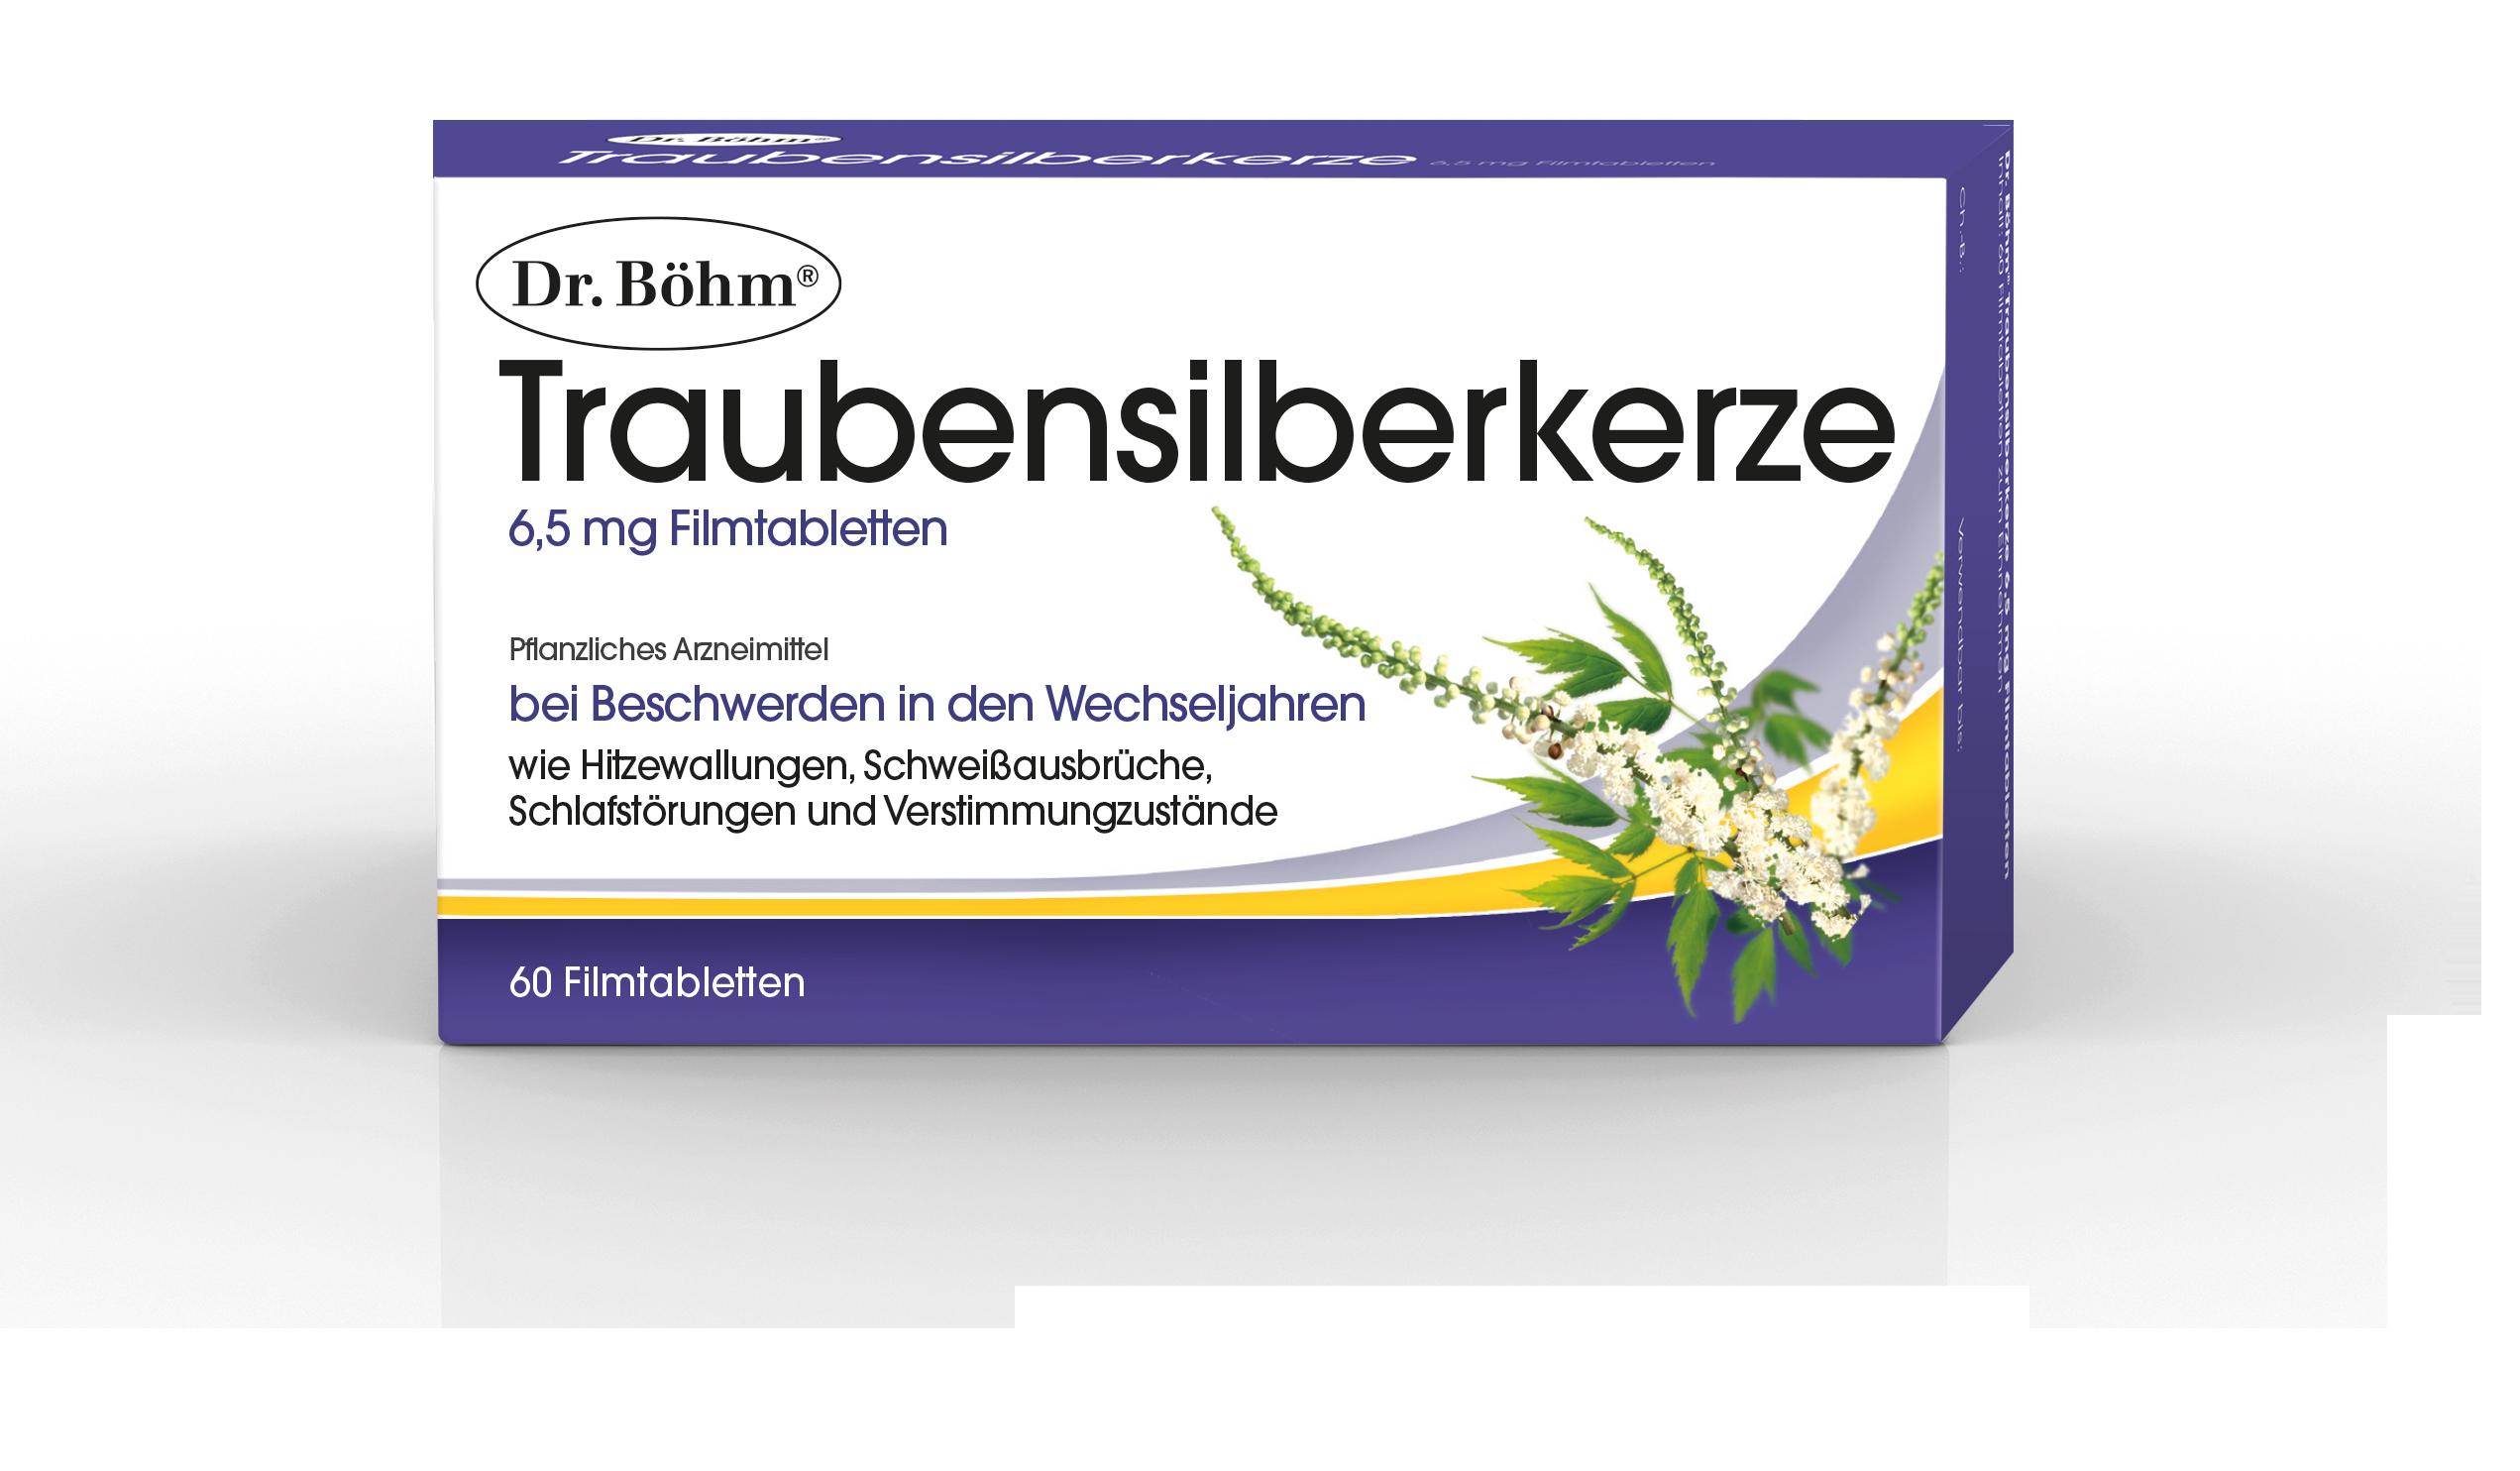 Dr. Böhm® Traubensilberkerze - Hitzewallungen in den Wechseljahren